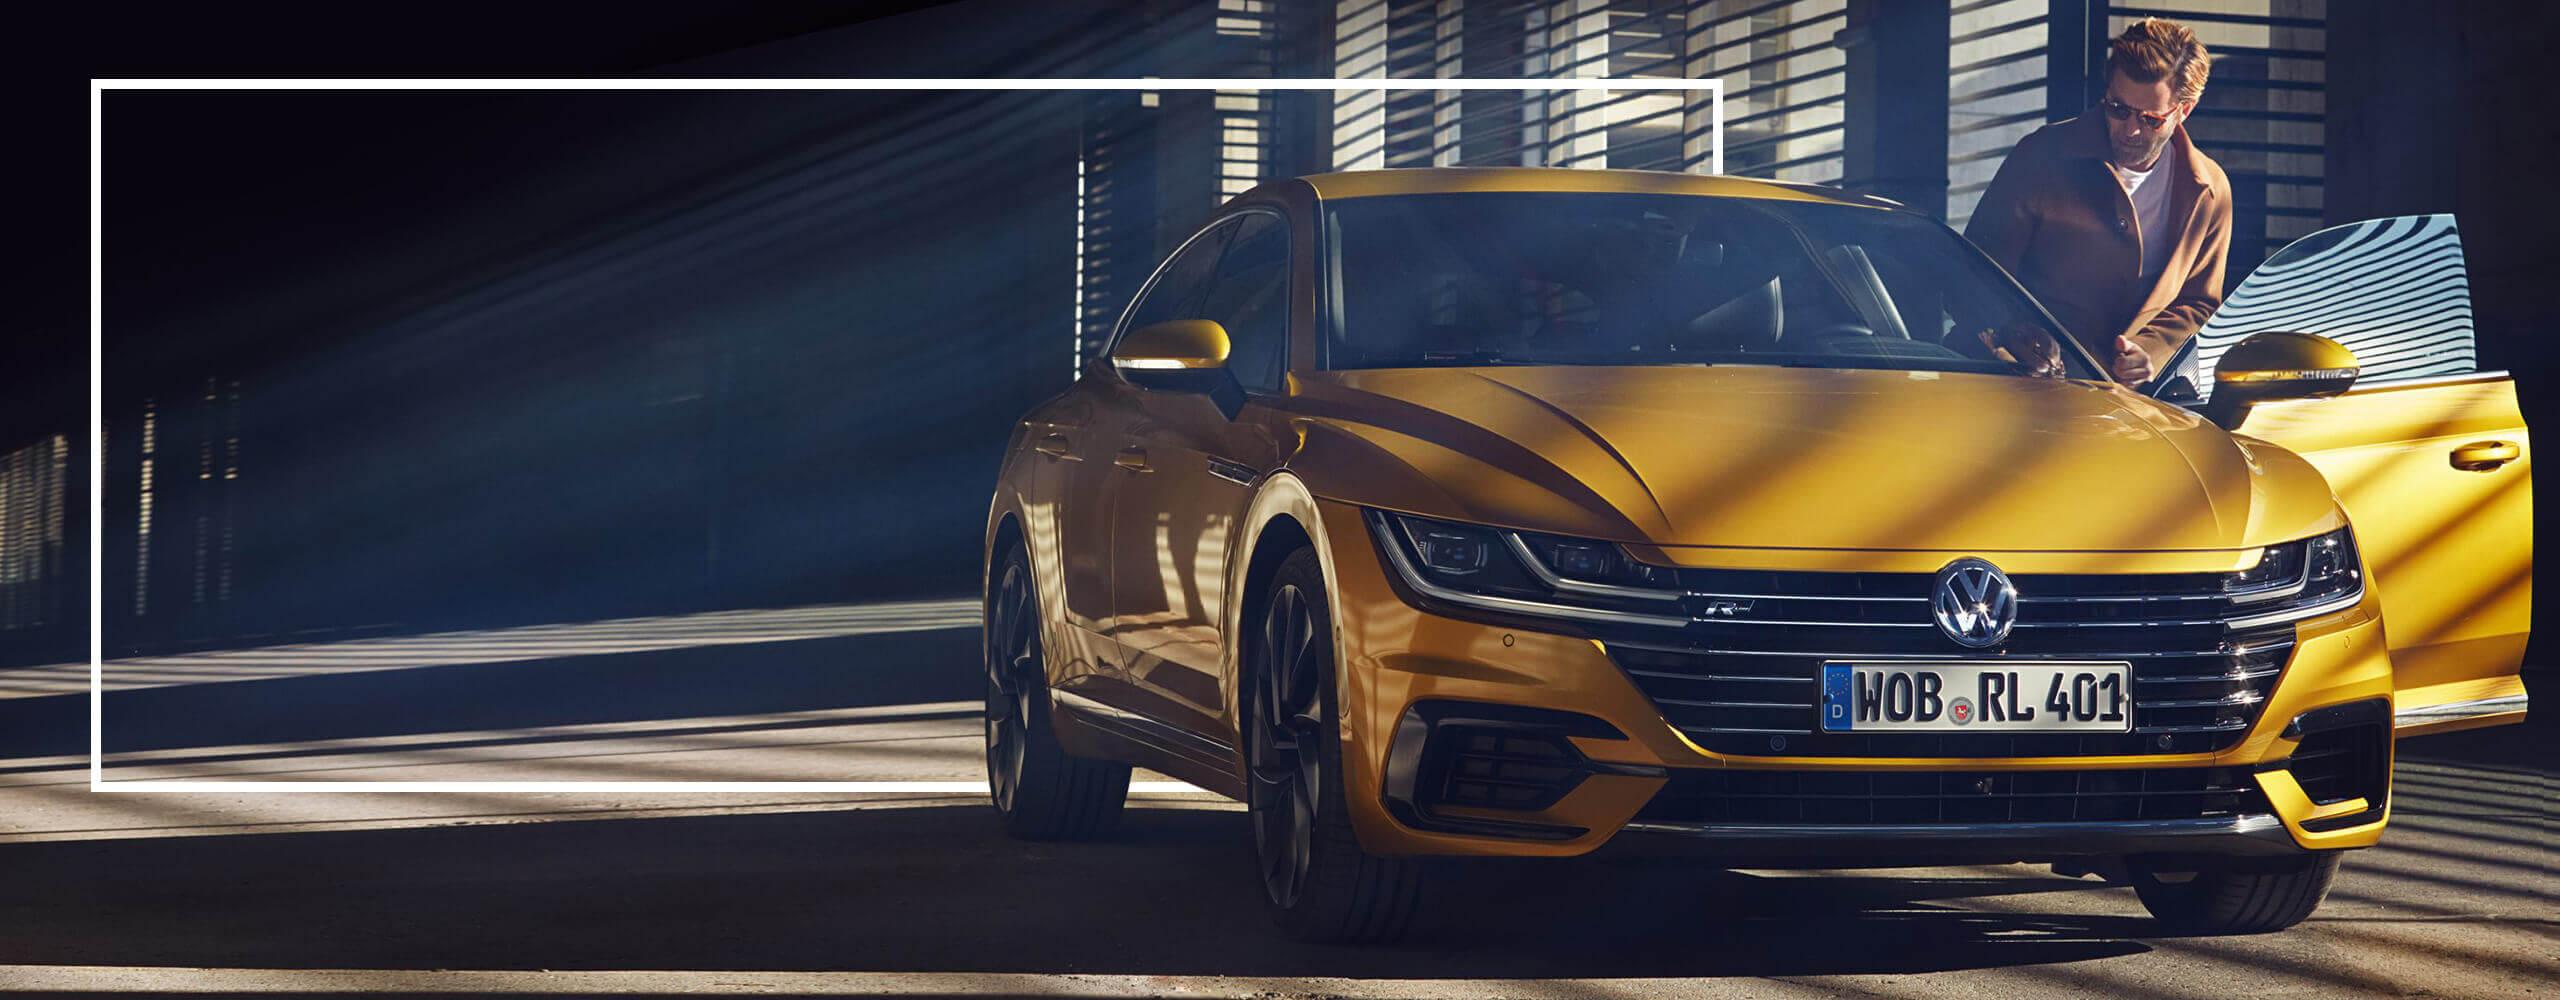 Nouvelle Arteon, à découvrir chez C.E.D.A.M Automobiles